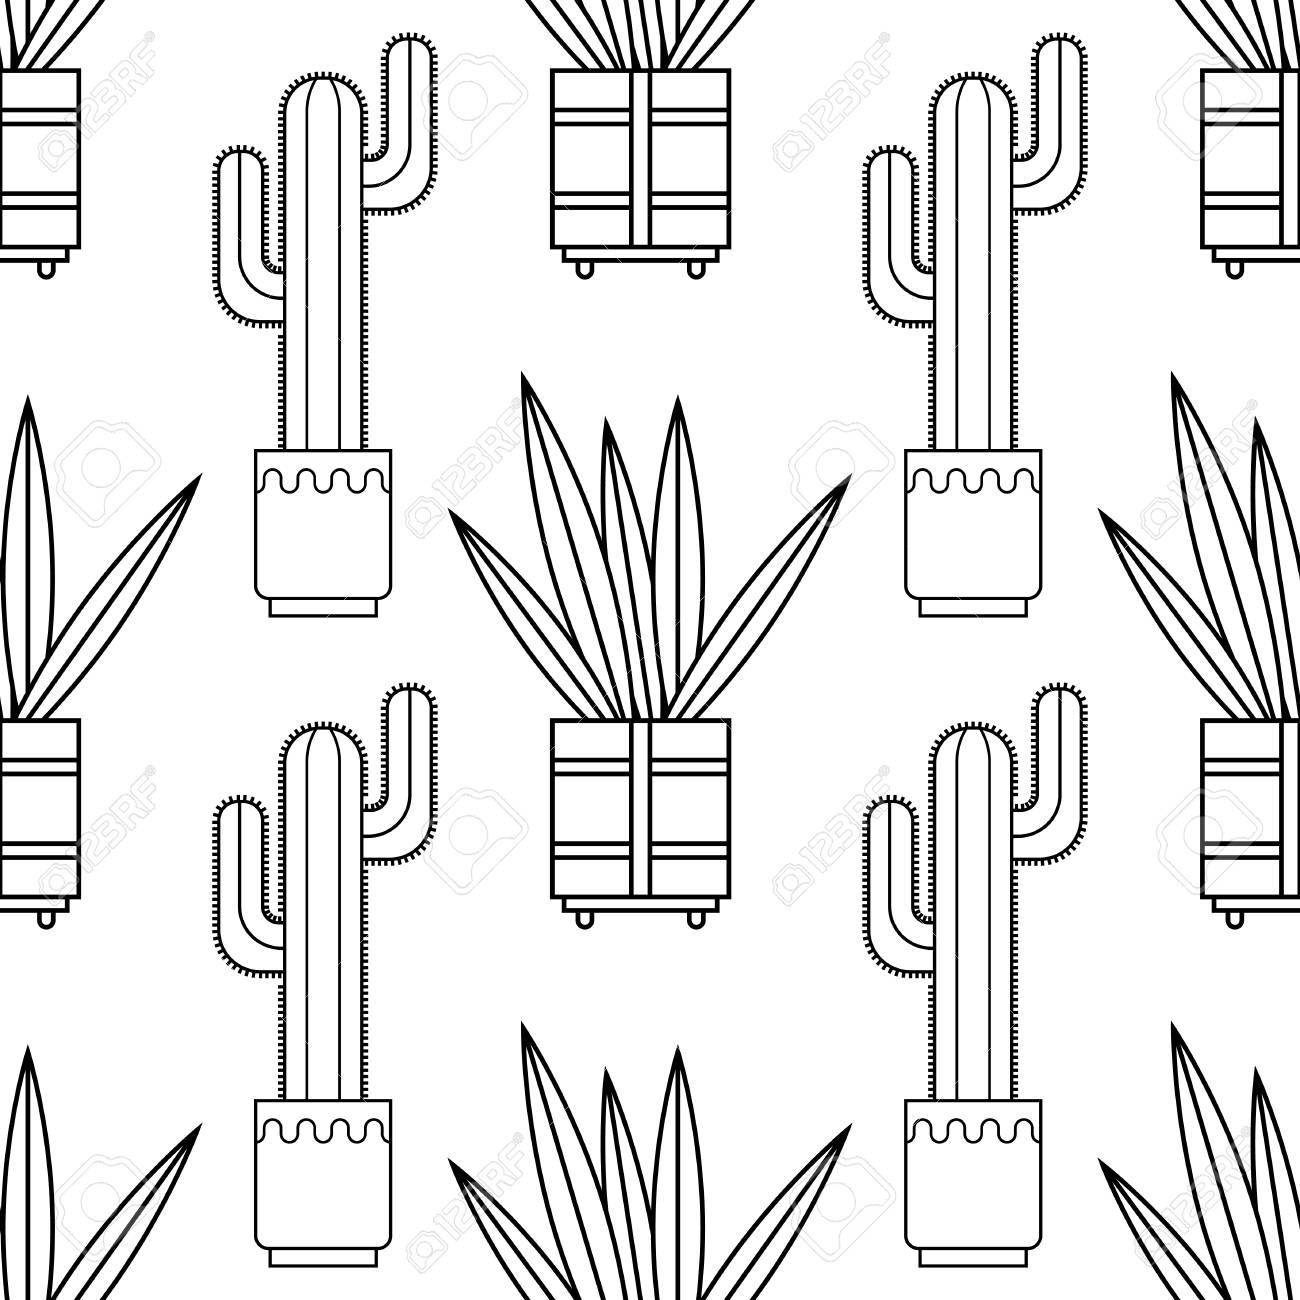 Blanco Y Negro Patrón Transparente De Cactus Y Suculentas Para Colorear Libros Páginas Ilustración Del Vector